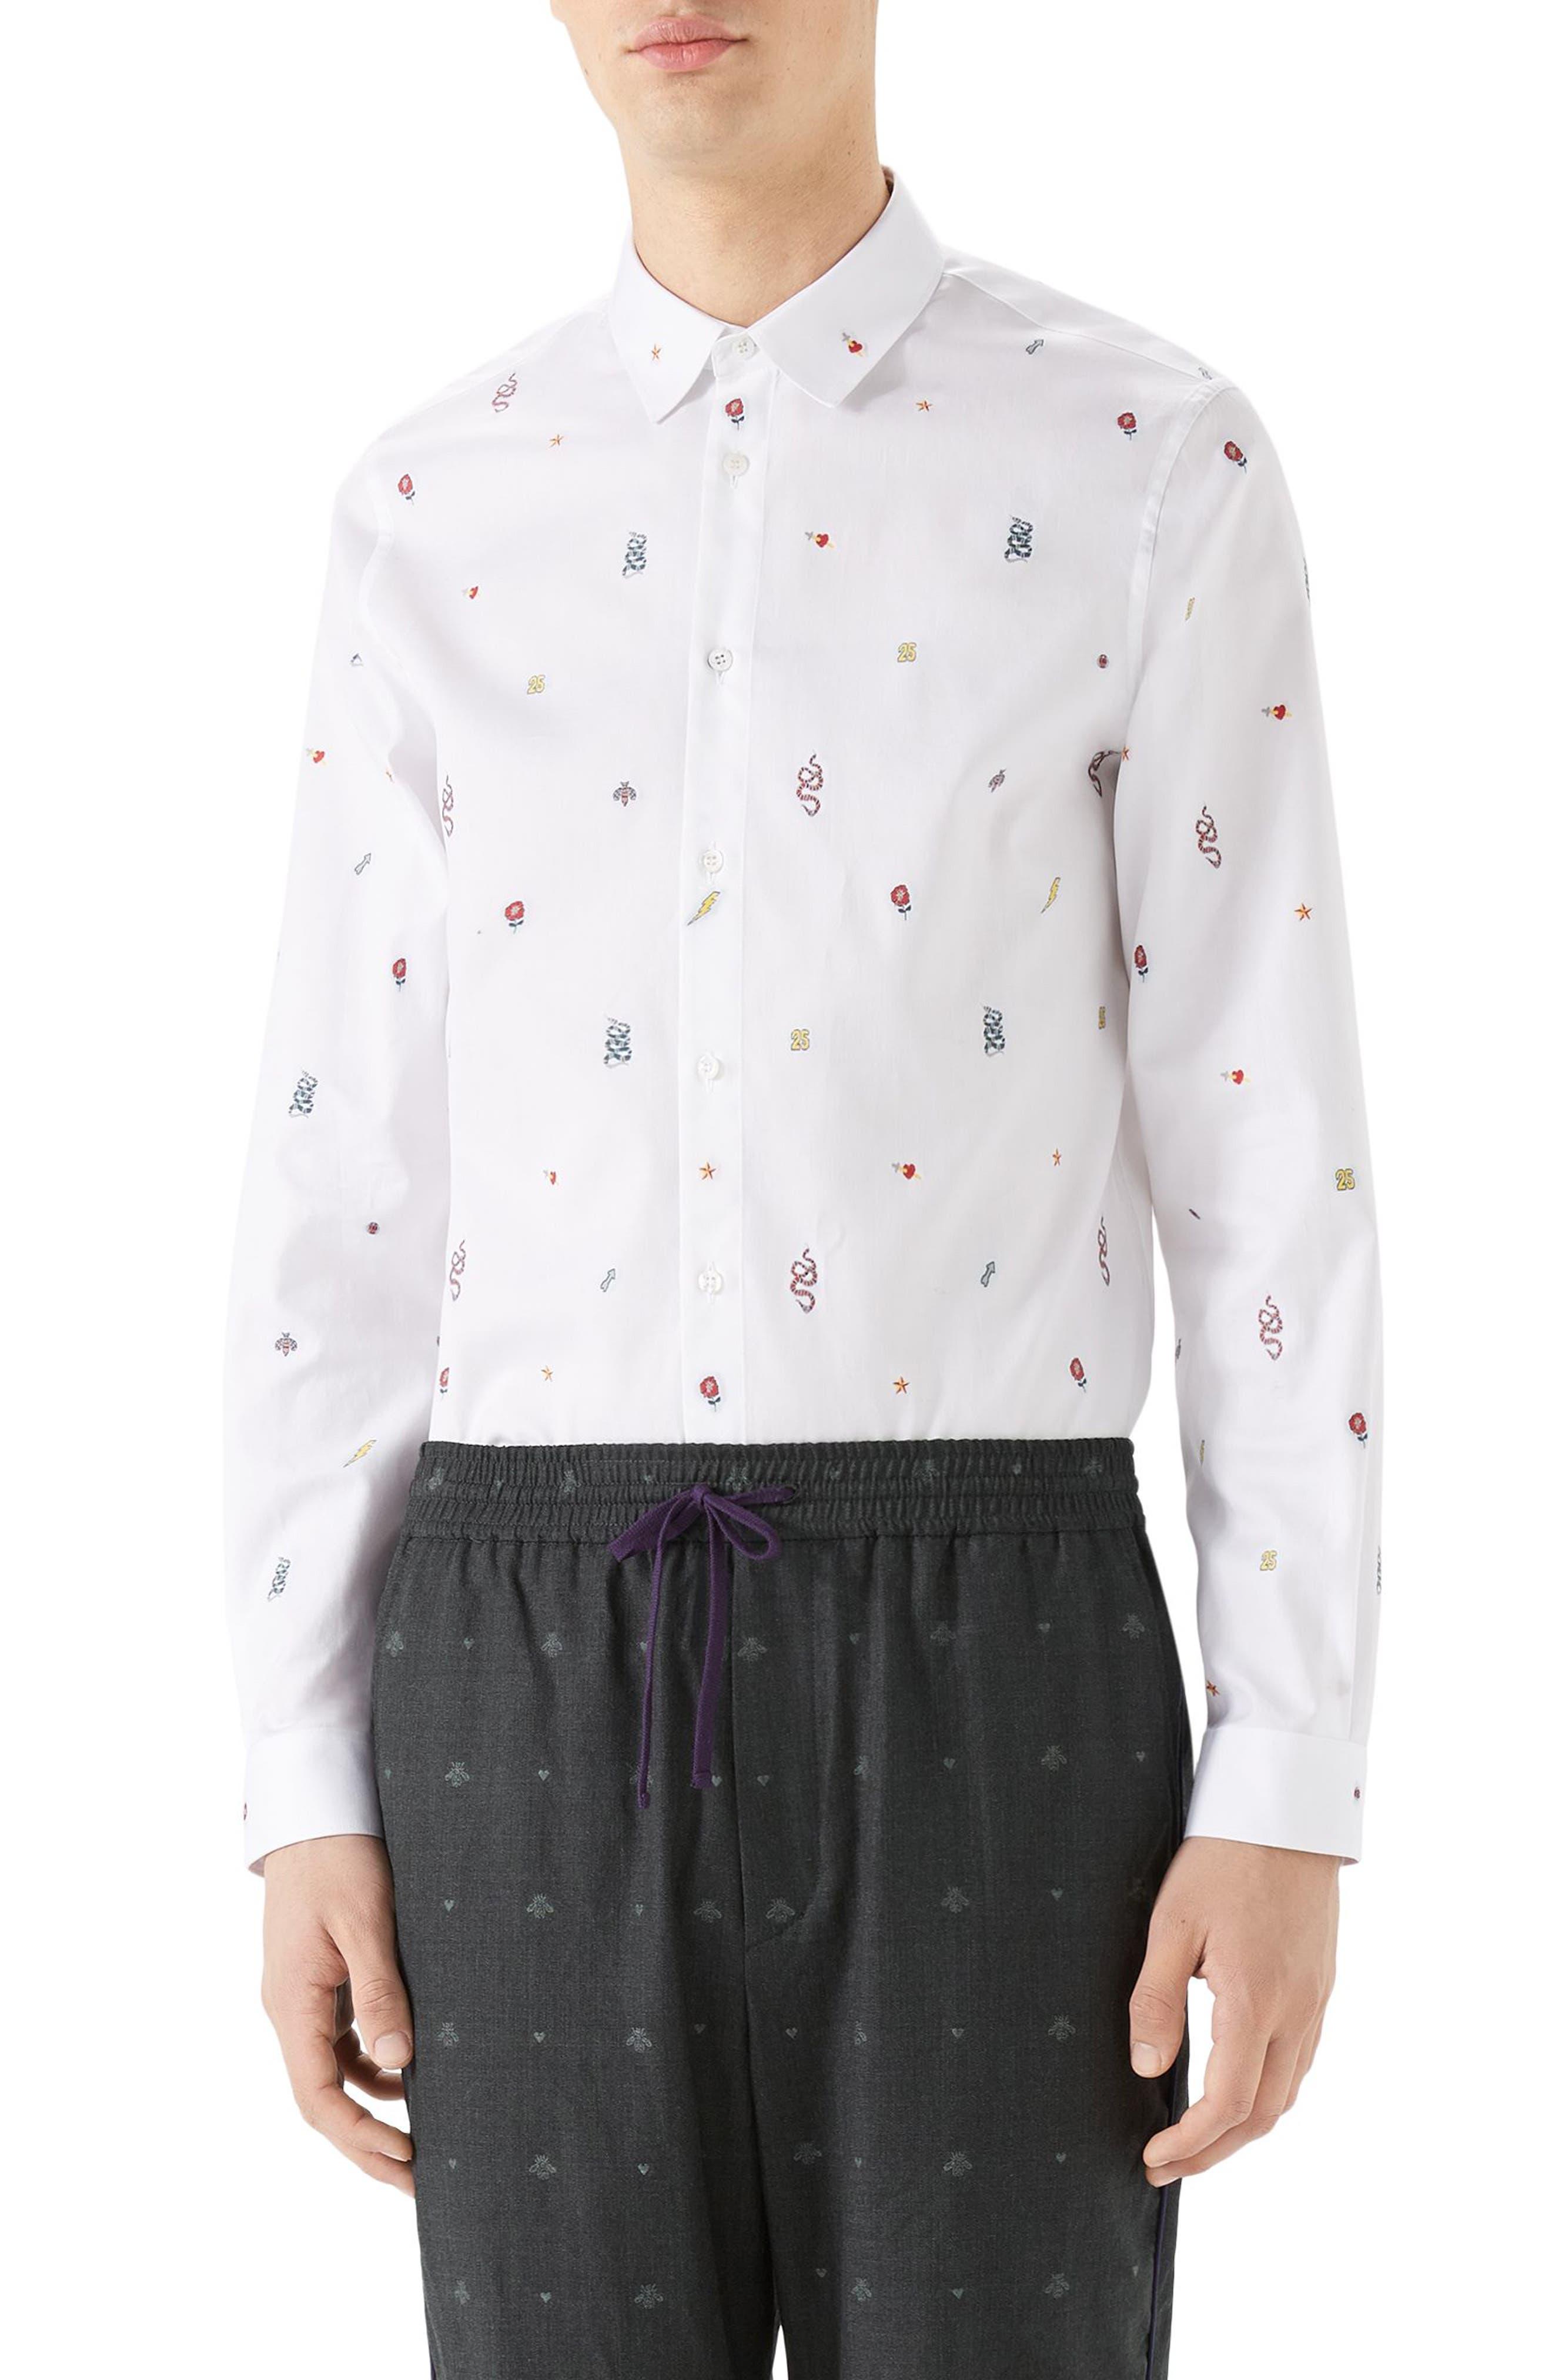 Iconic Elements Fil Coupé Sport Shirt,                             Main thumbnail 1, color,                             White